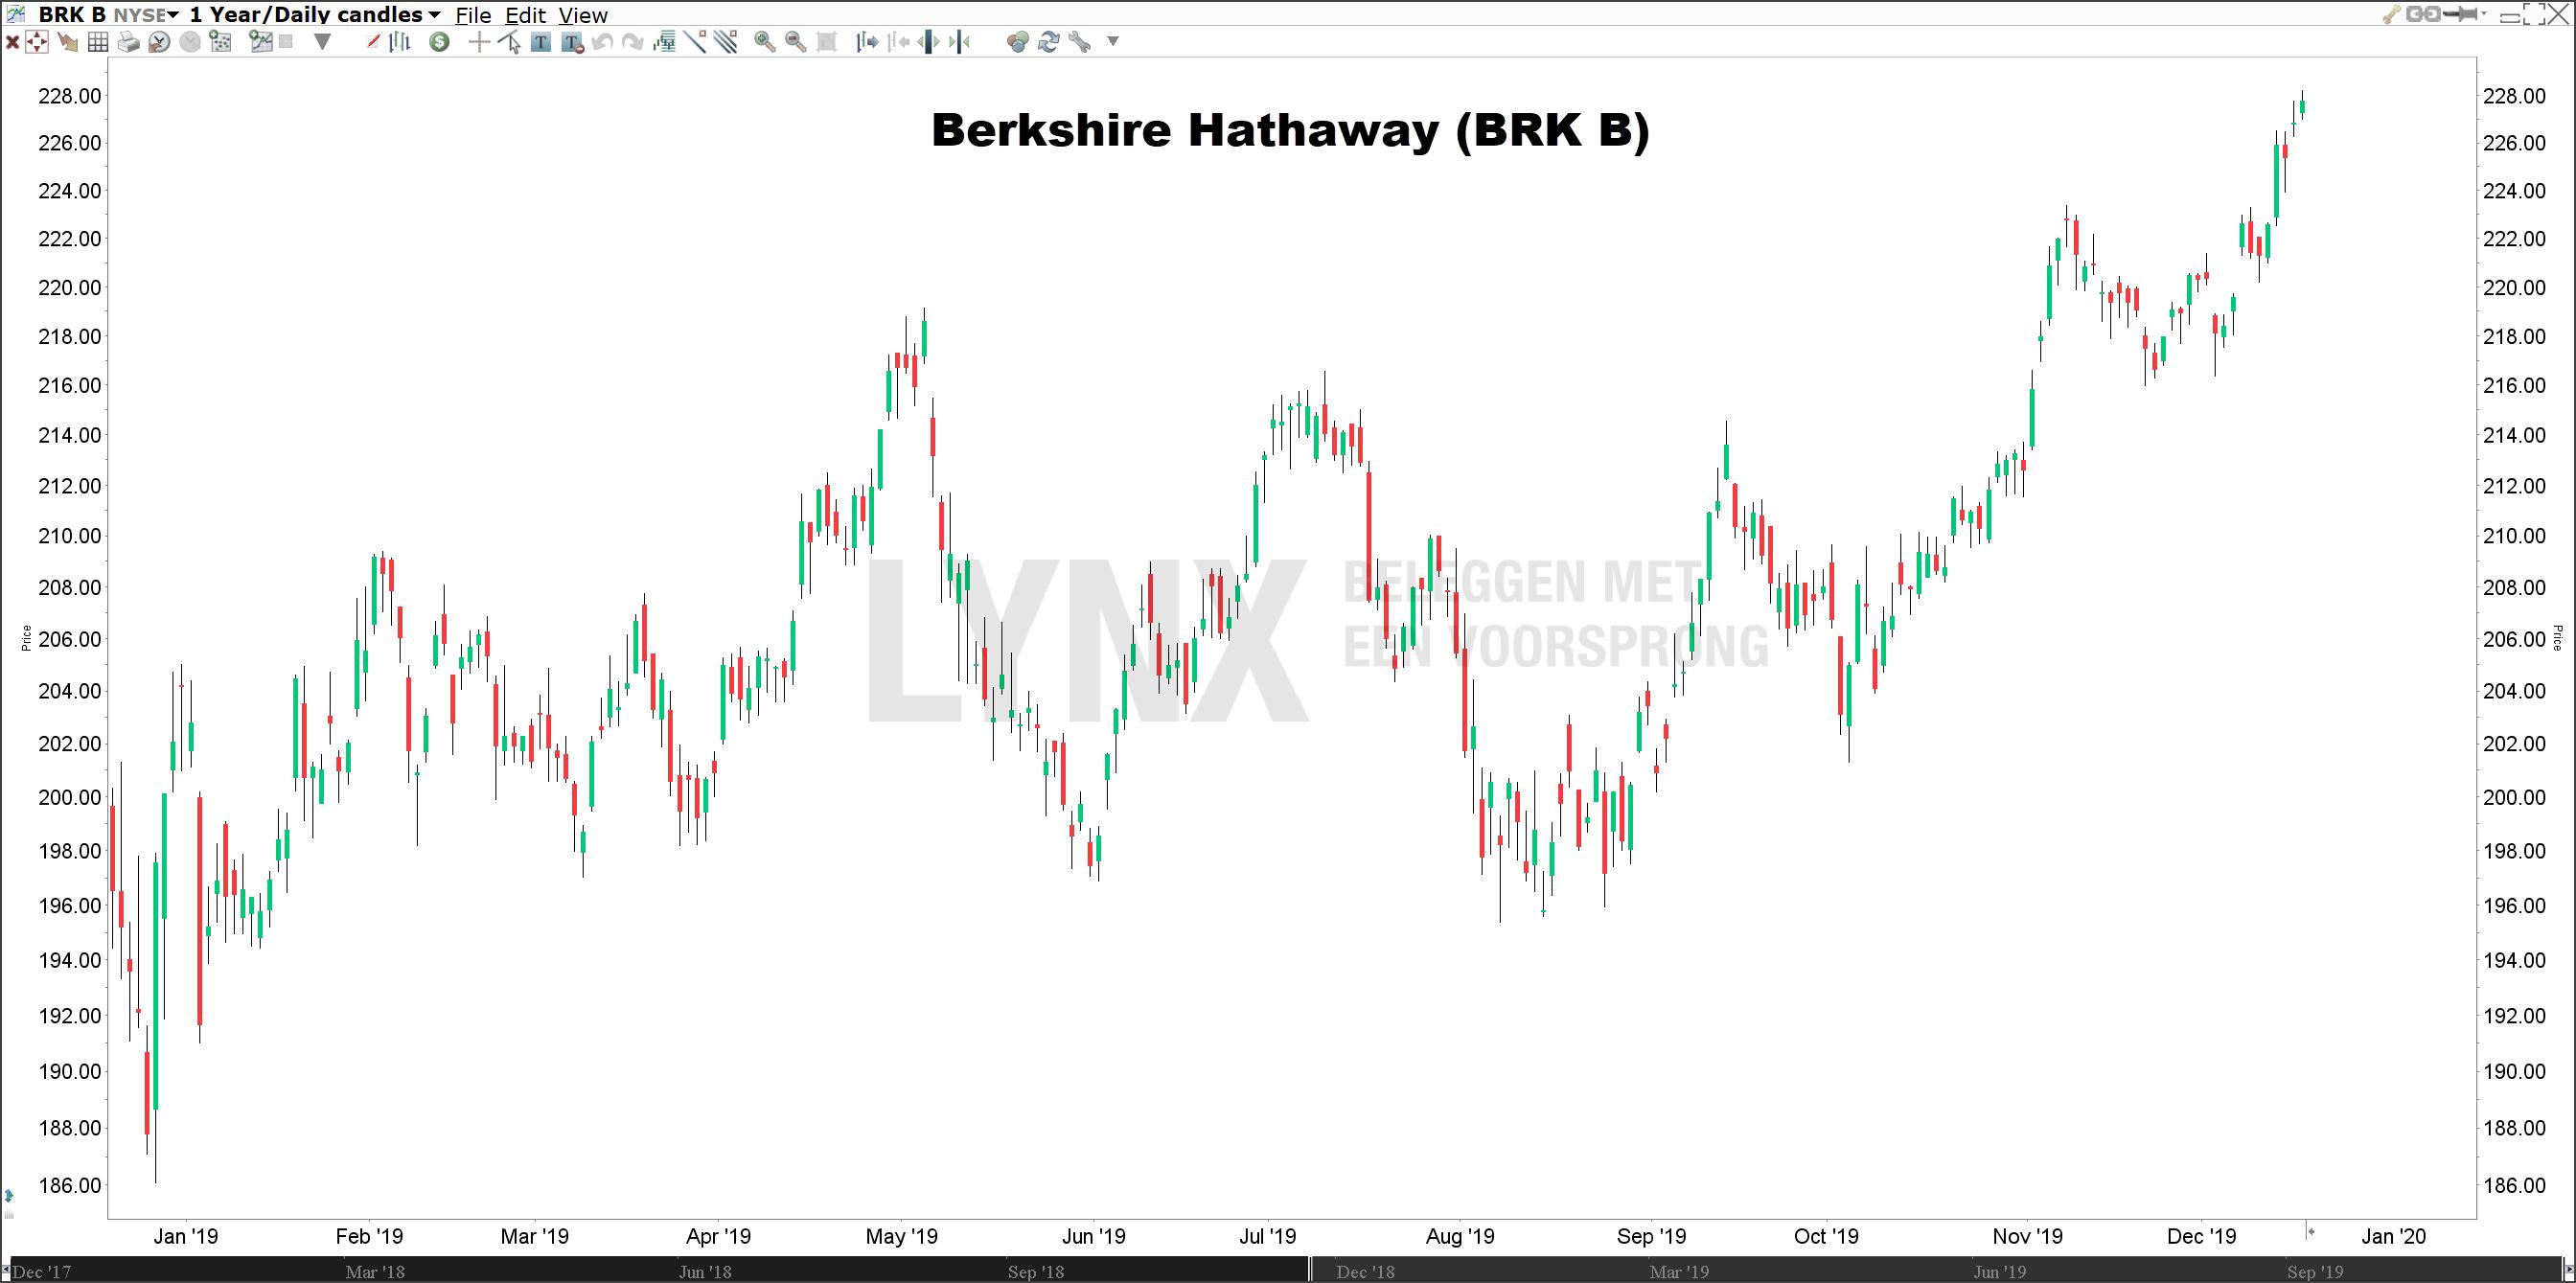 Koers Berkshire Hathaway beste aandeel 2020